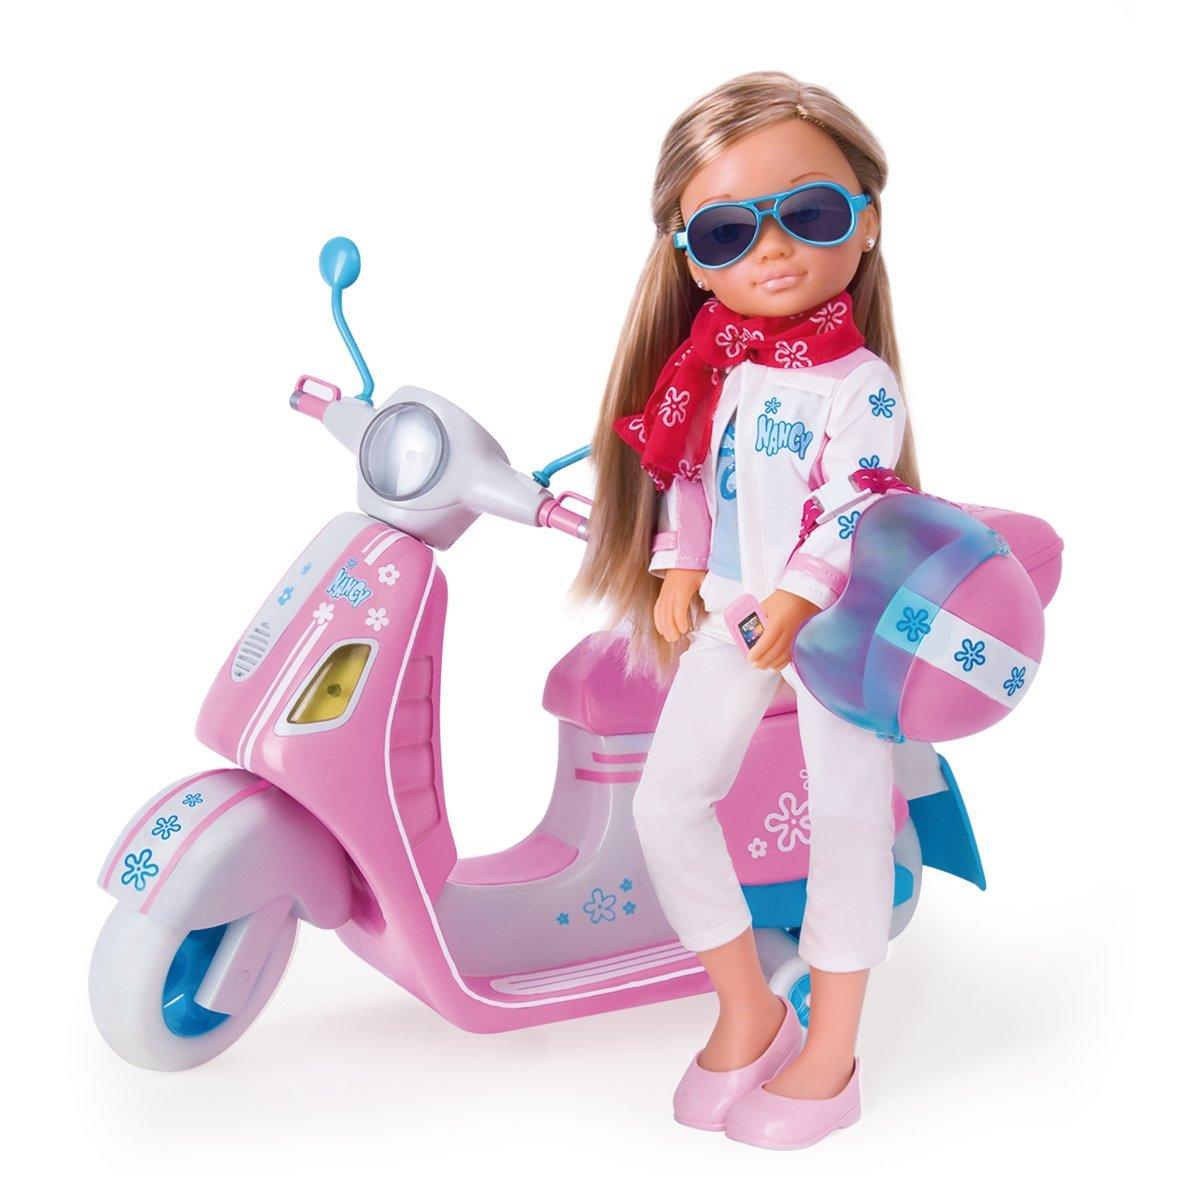 Кукла Нэнси в наборе со скутером (световые эффекты)